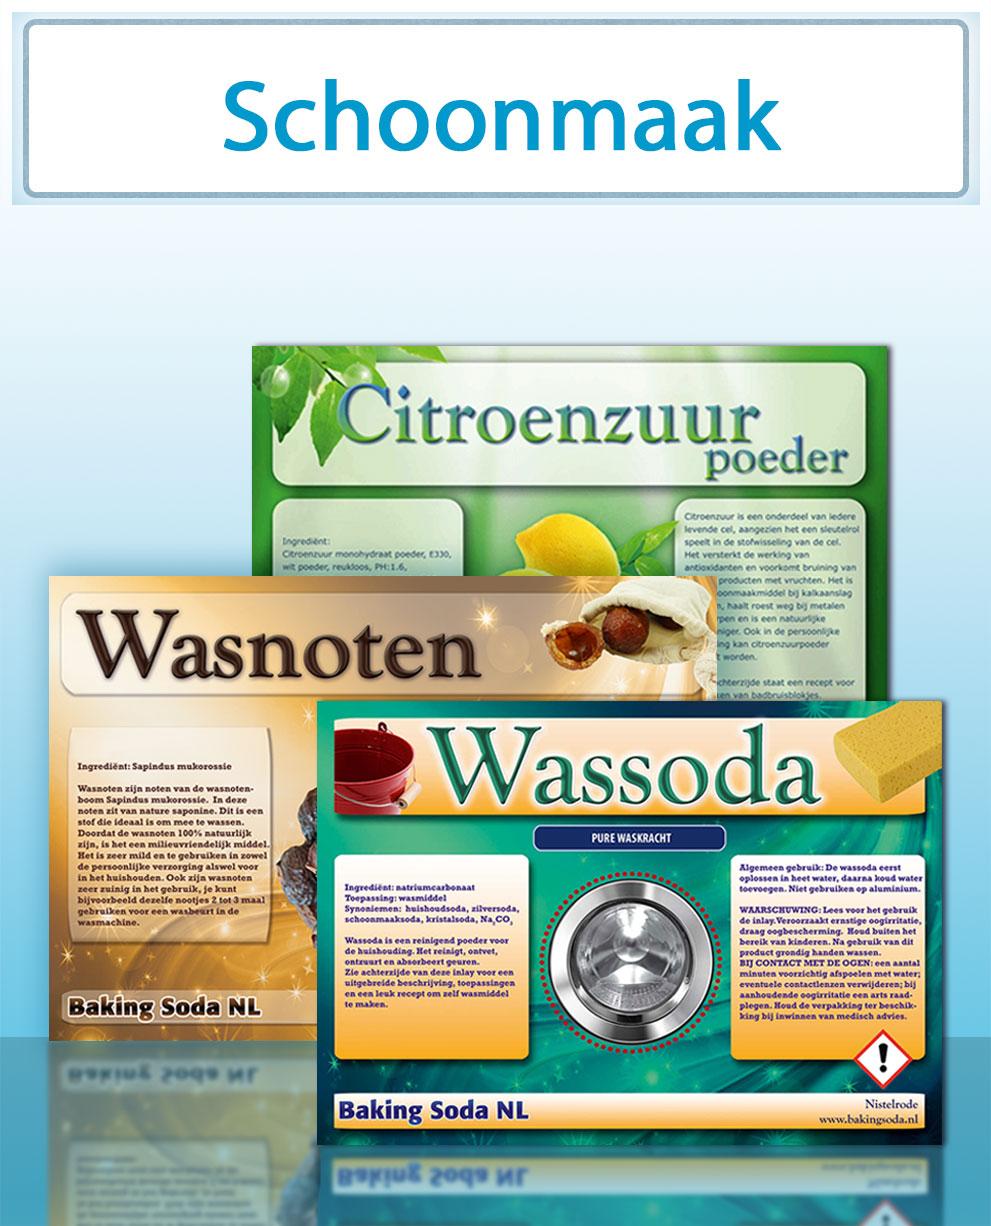 Categorie-08-Schoonmaak-bakingsoda-nl